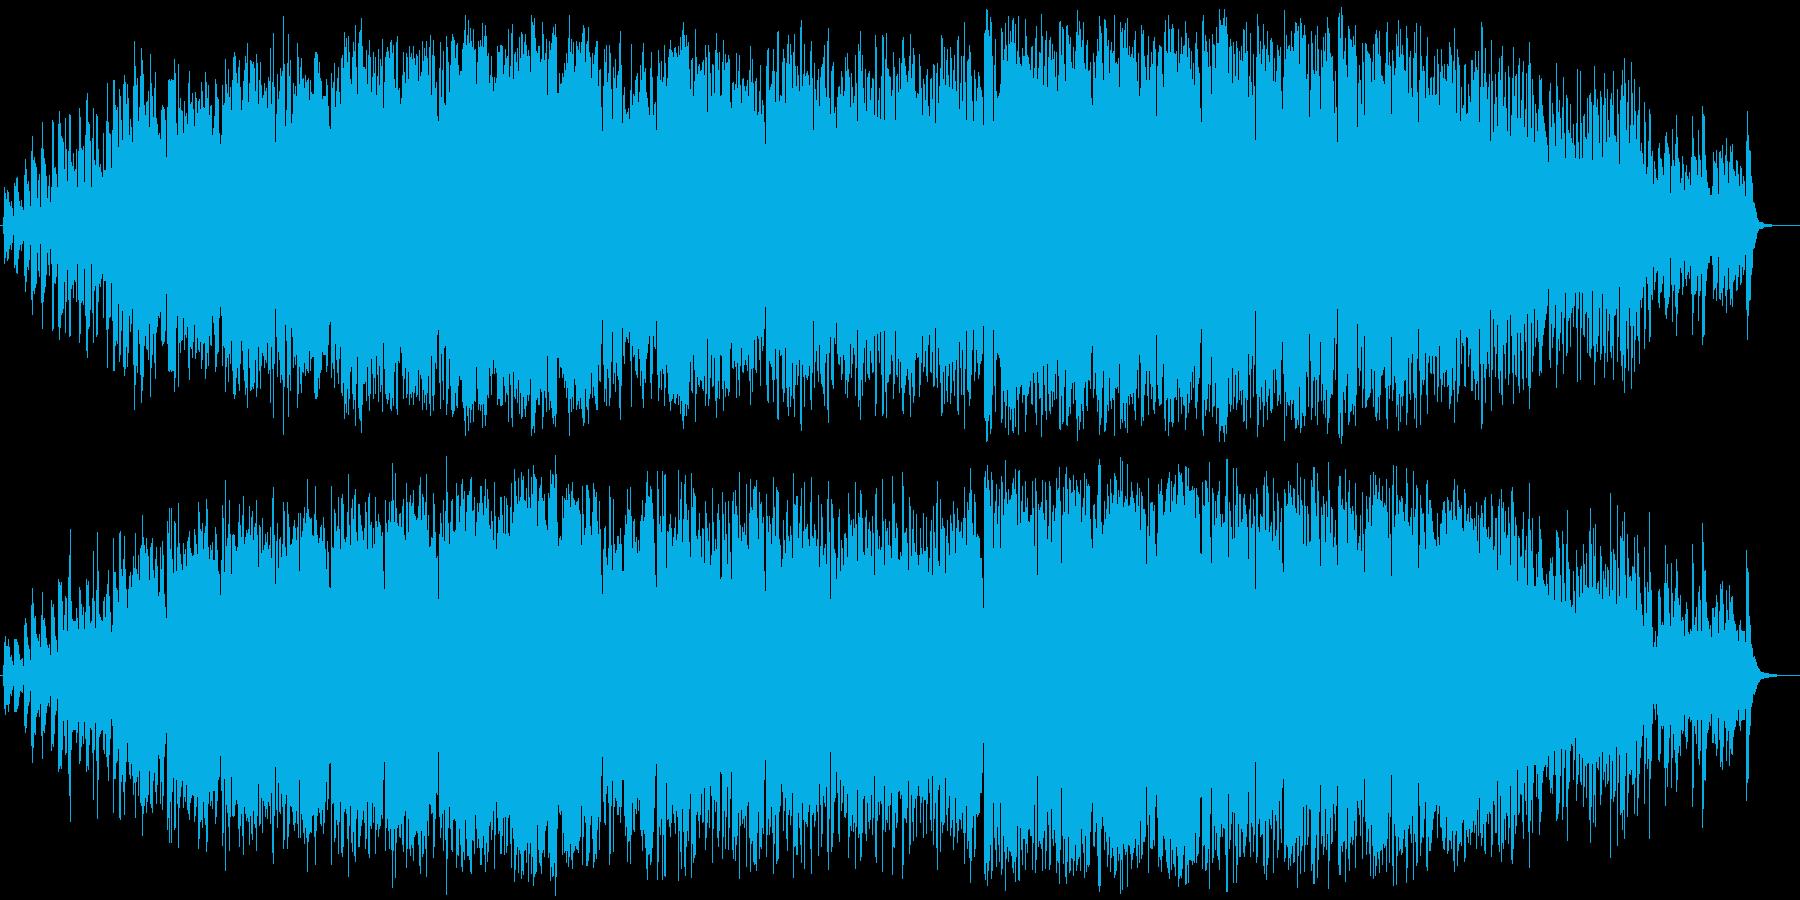 緊迫感あふれるオーケストラの再生済みの波形